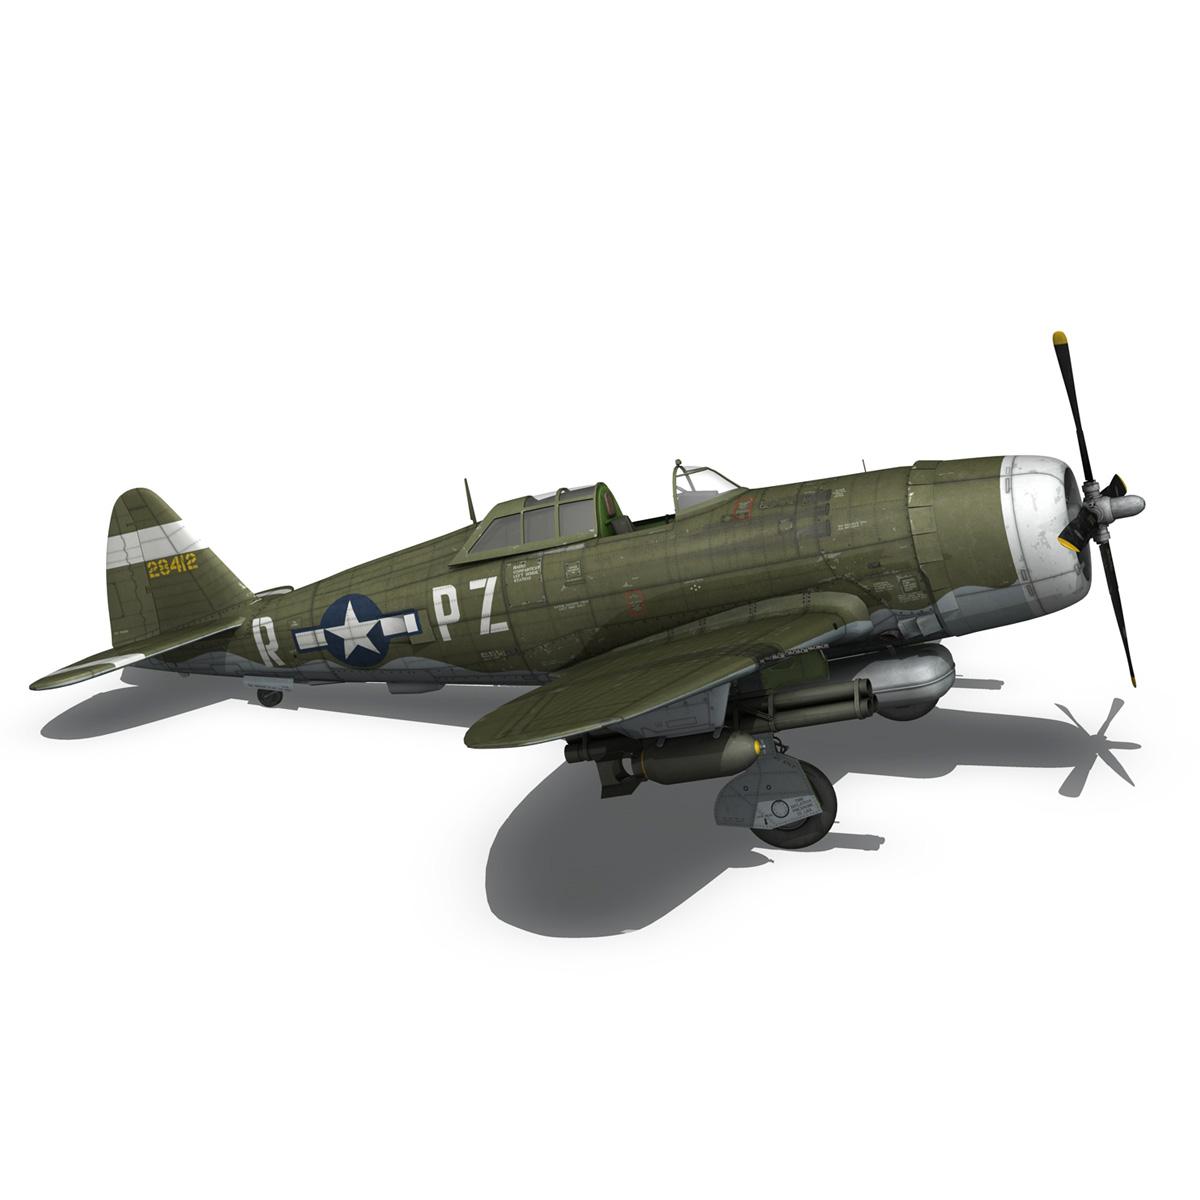 republic p-47d thunderbolt – sweetie – pz-r 3d model 3ds fbx c4d lwo obj 281847